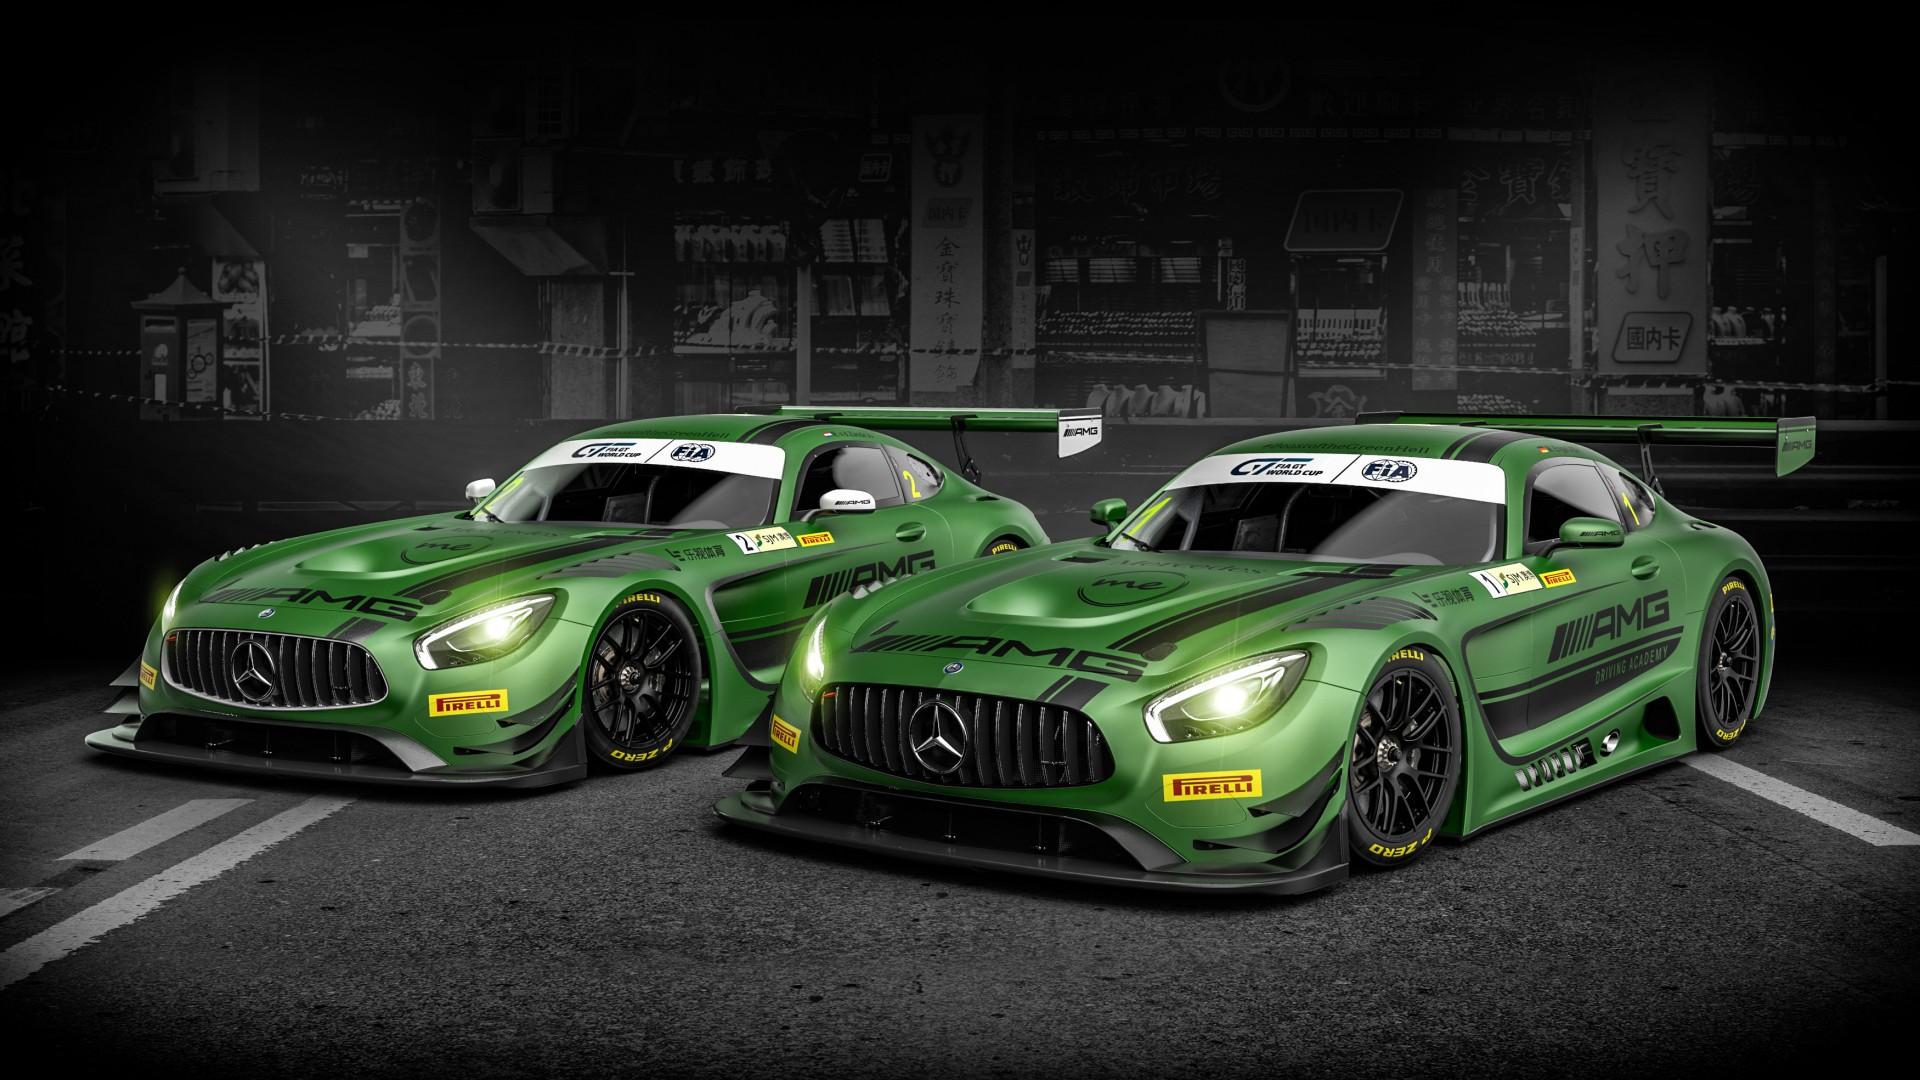 2017 Mercedes Amg Gt3 Wallpaper Hd Car Wallpapers Id 7149